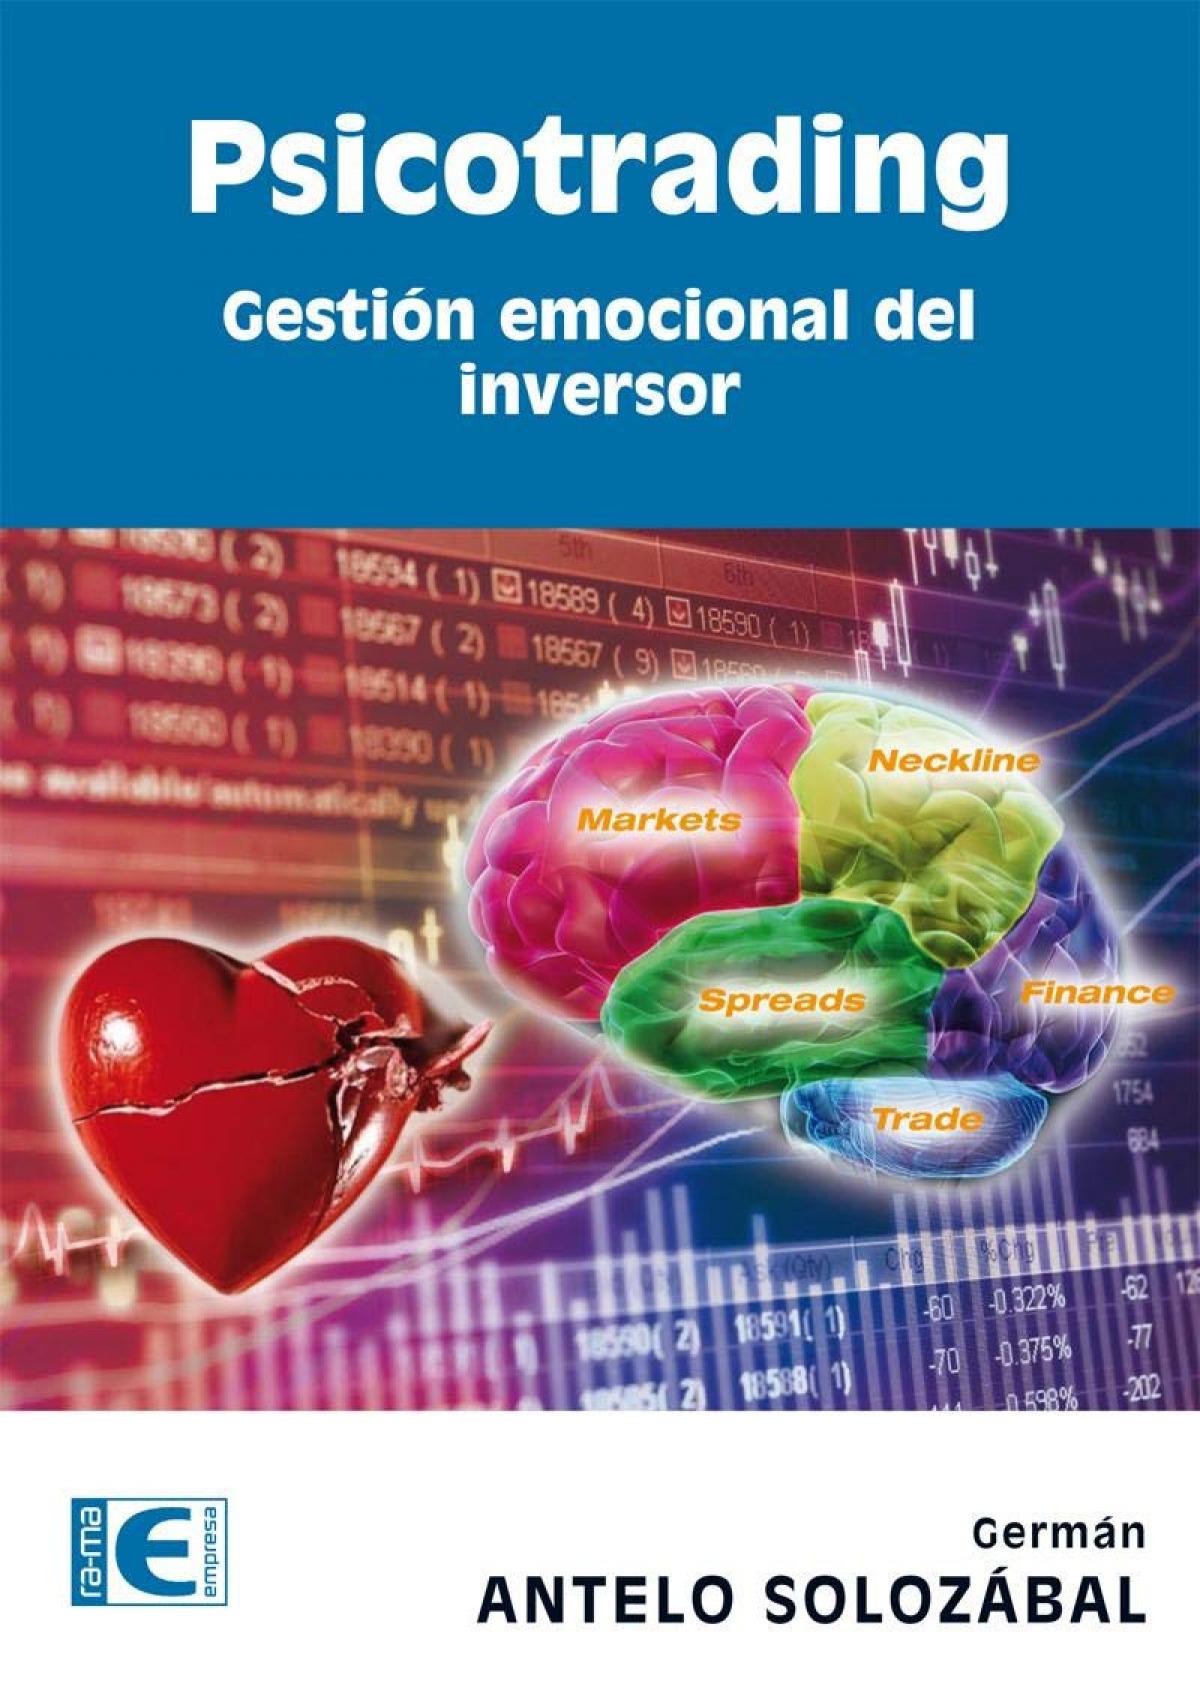 PSICOTRADING: GESTION EMOCIONAL DEL INVERSOR 9788499645612